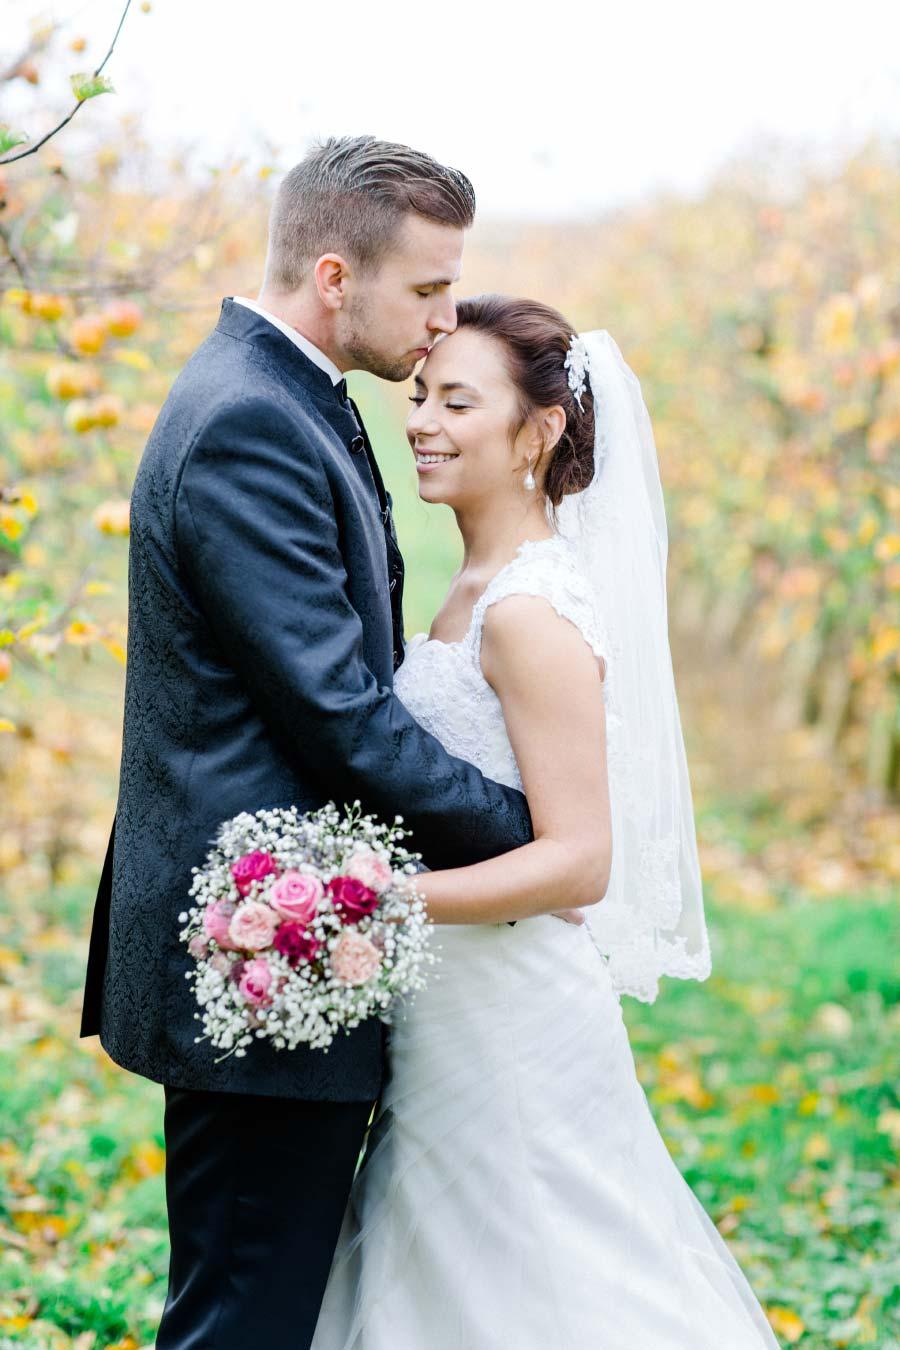 Bräutigam küsst Braut auf die Stirn